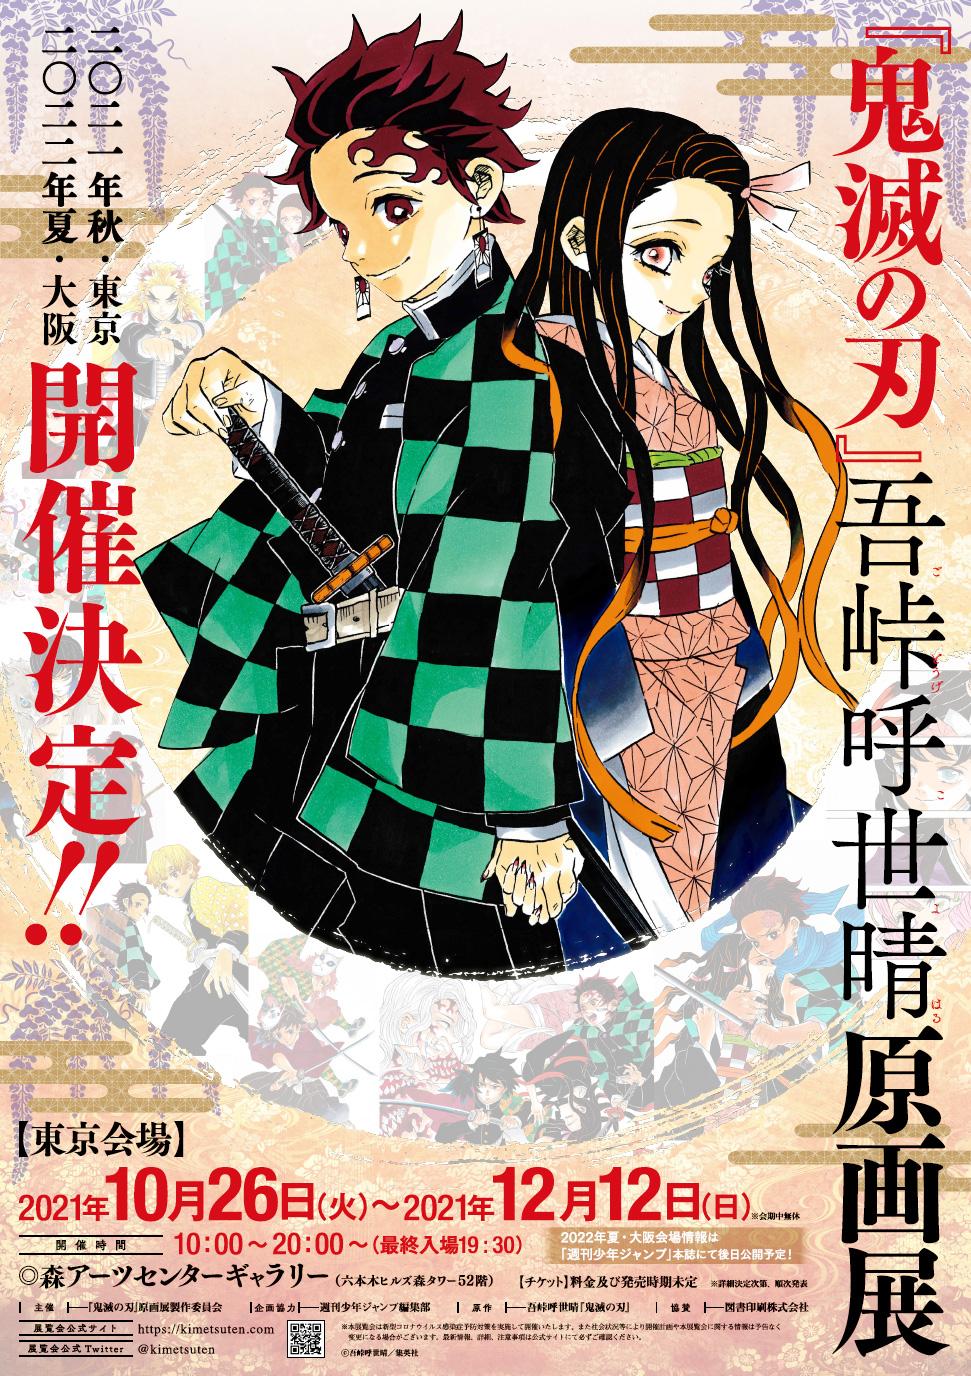 Cartel de la exposición de Kimetsu no Yaiba